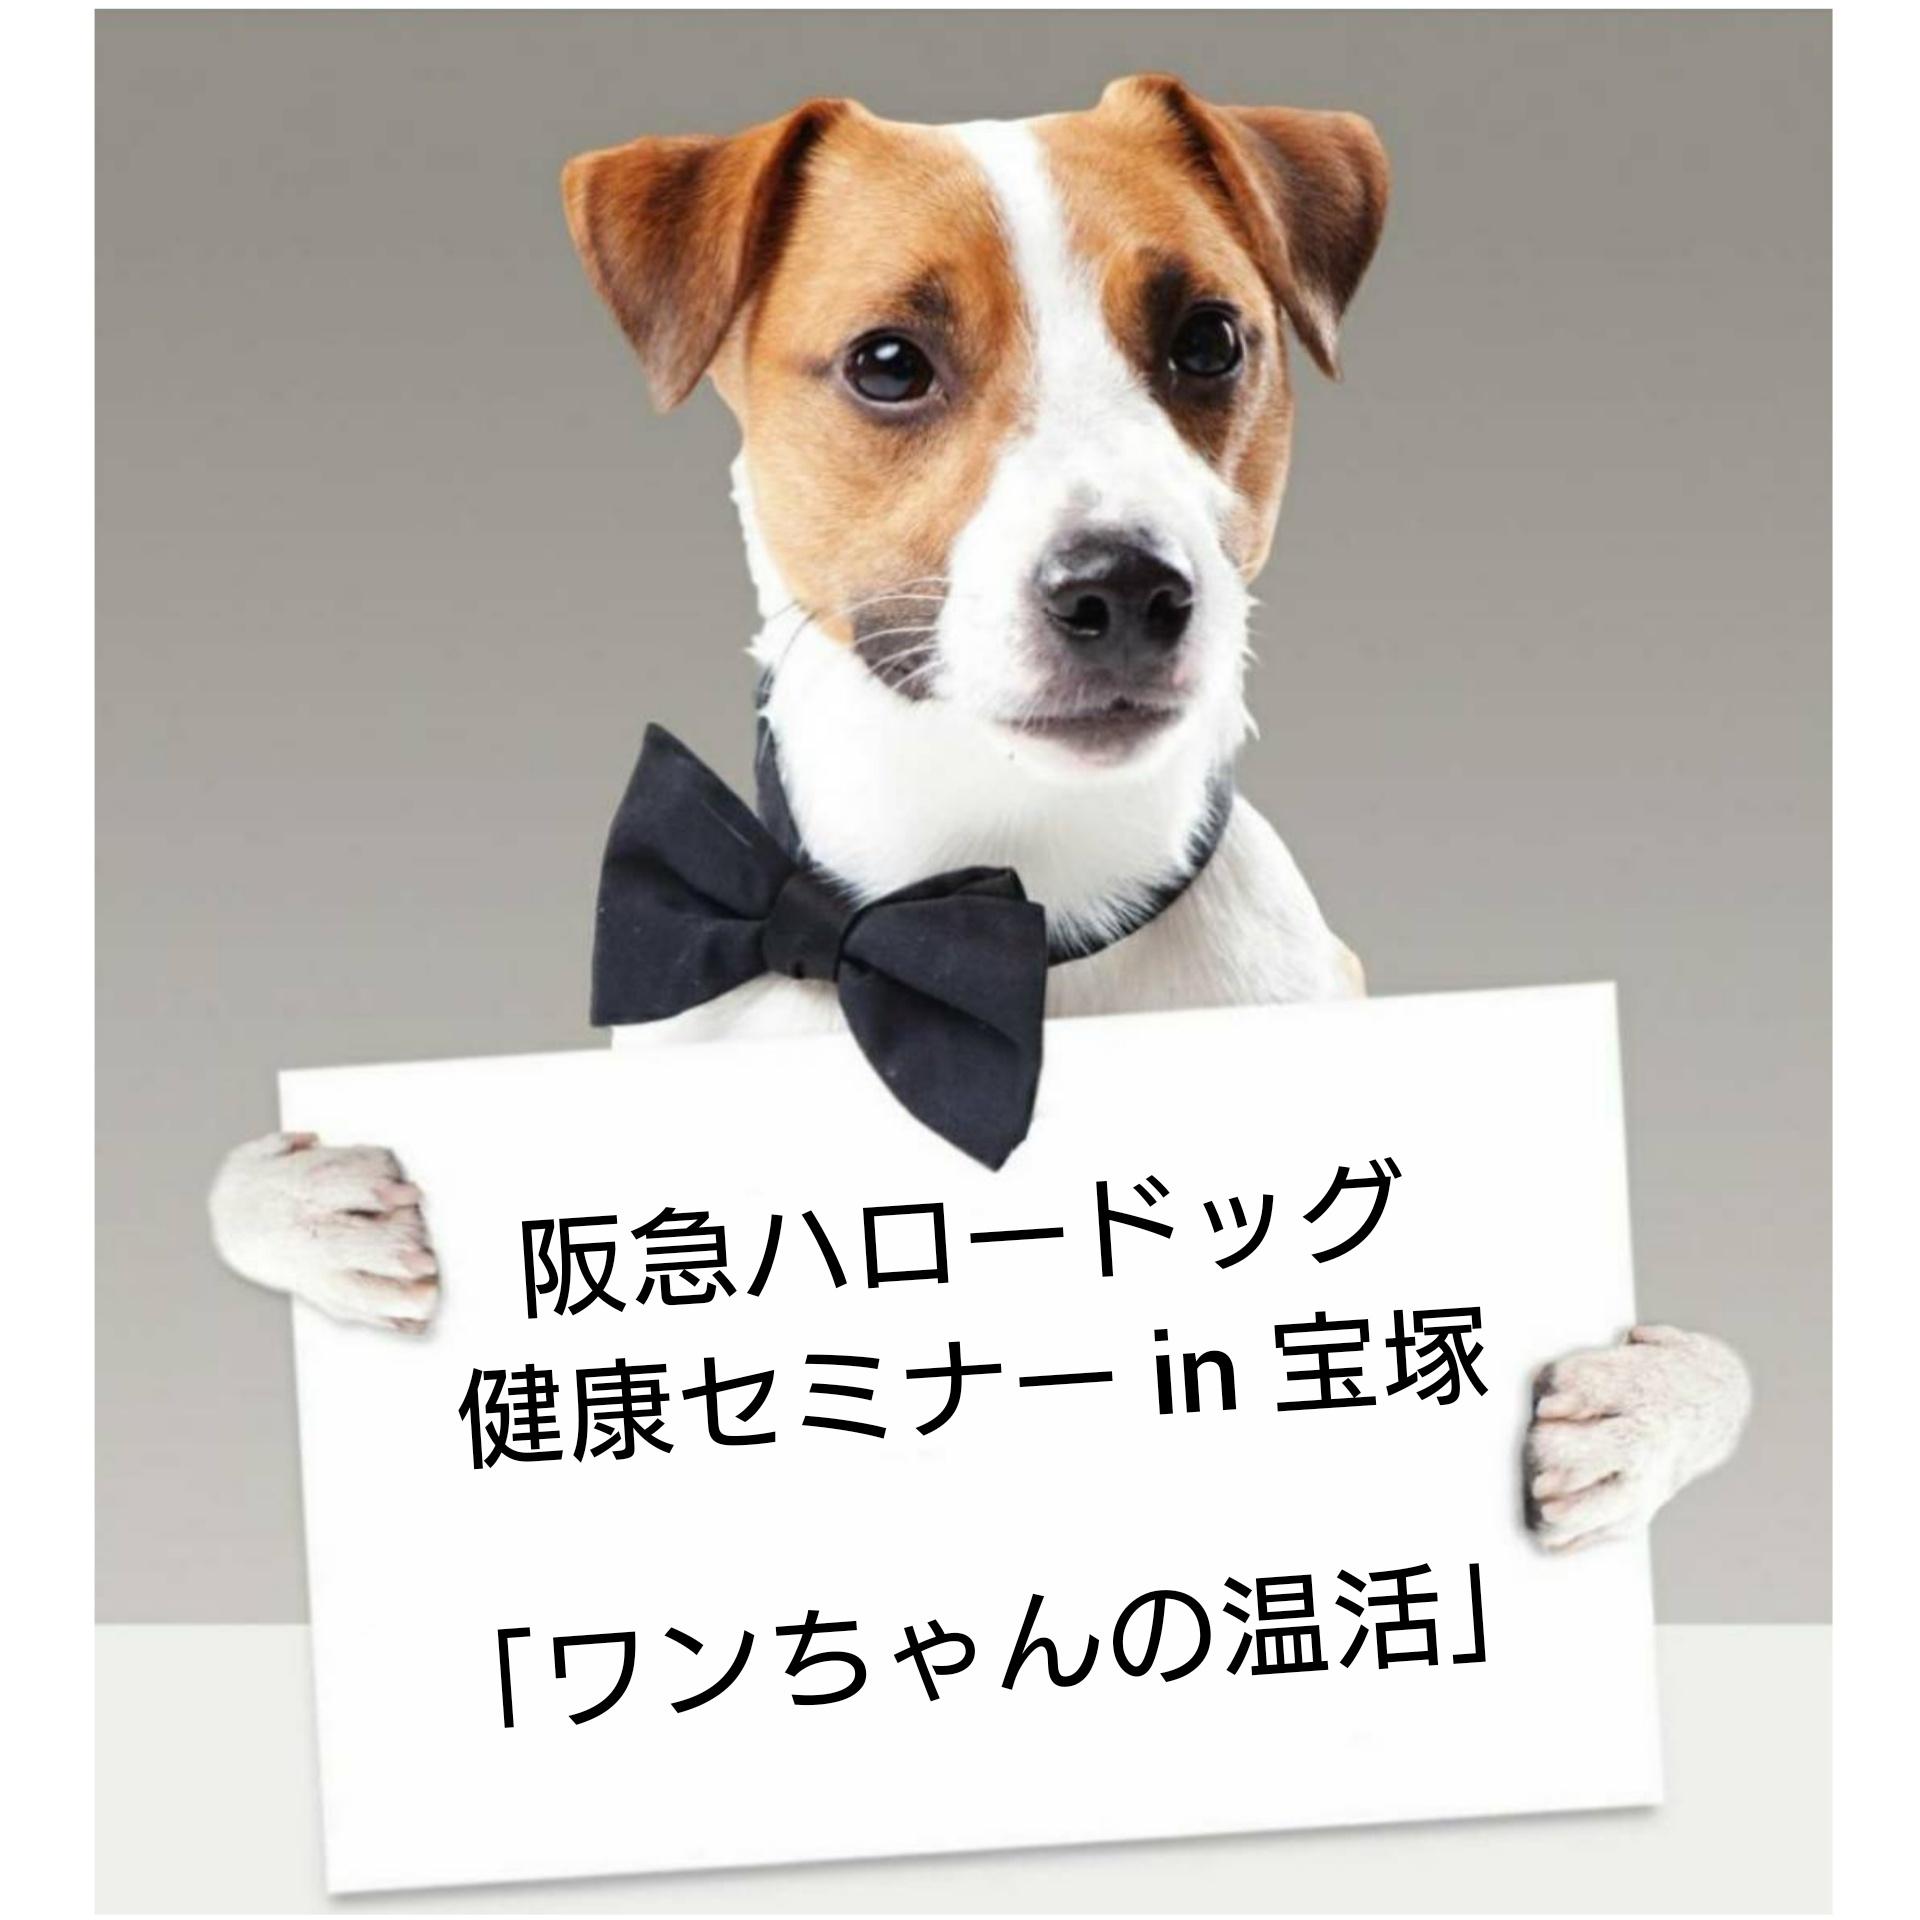 2020/12/19 宝塚 健康セミナー「ワンちゃんの温活」